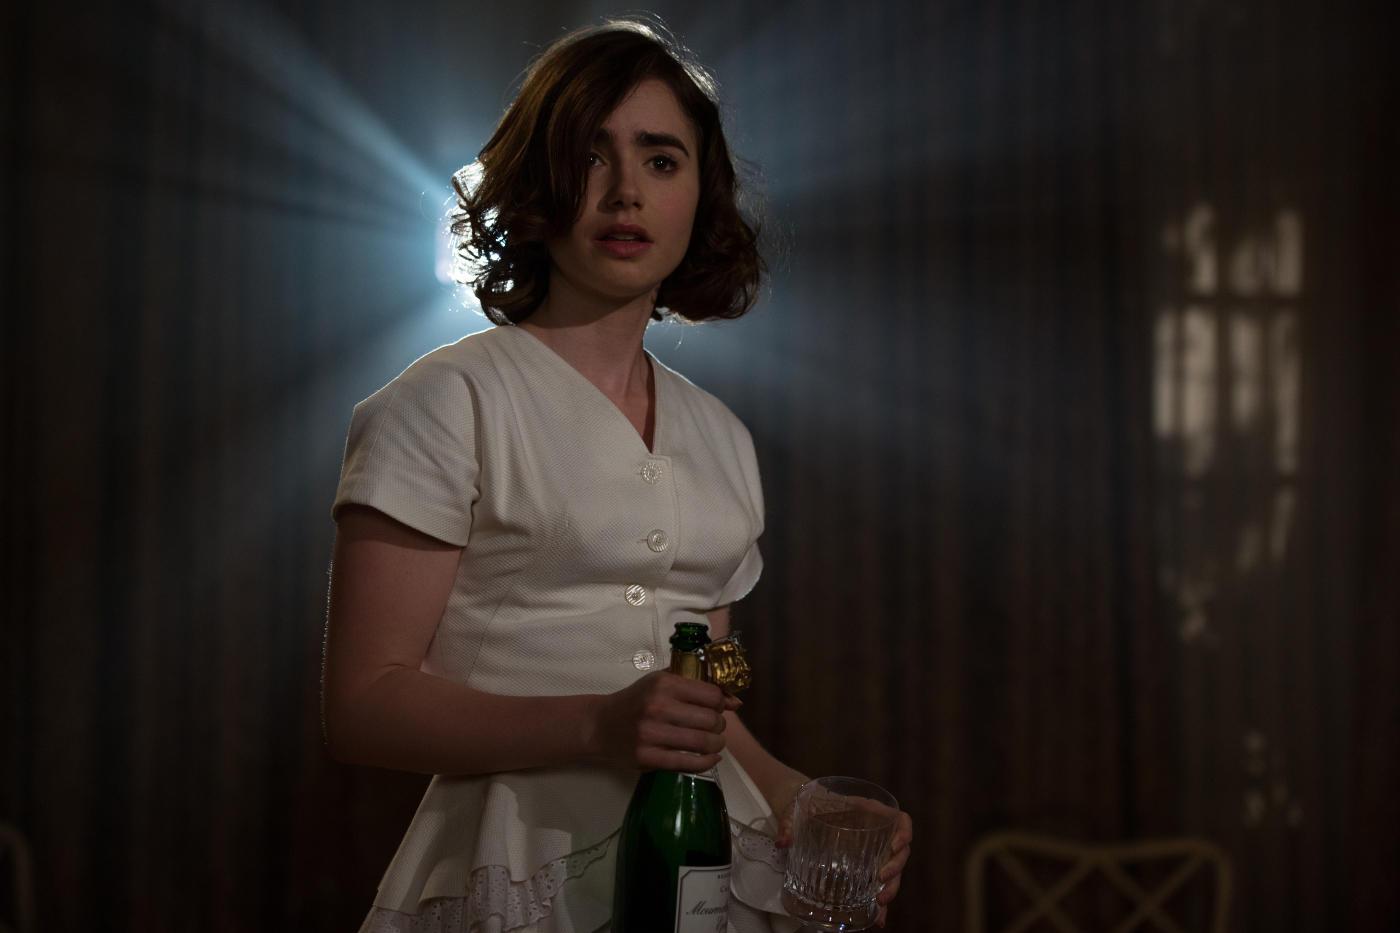 Lily Collins em cena de Rules Don't Apply, pelo qual recebeu sua primeira indicação ao Globo de Ouro. Pic by moviepilot.de